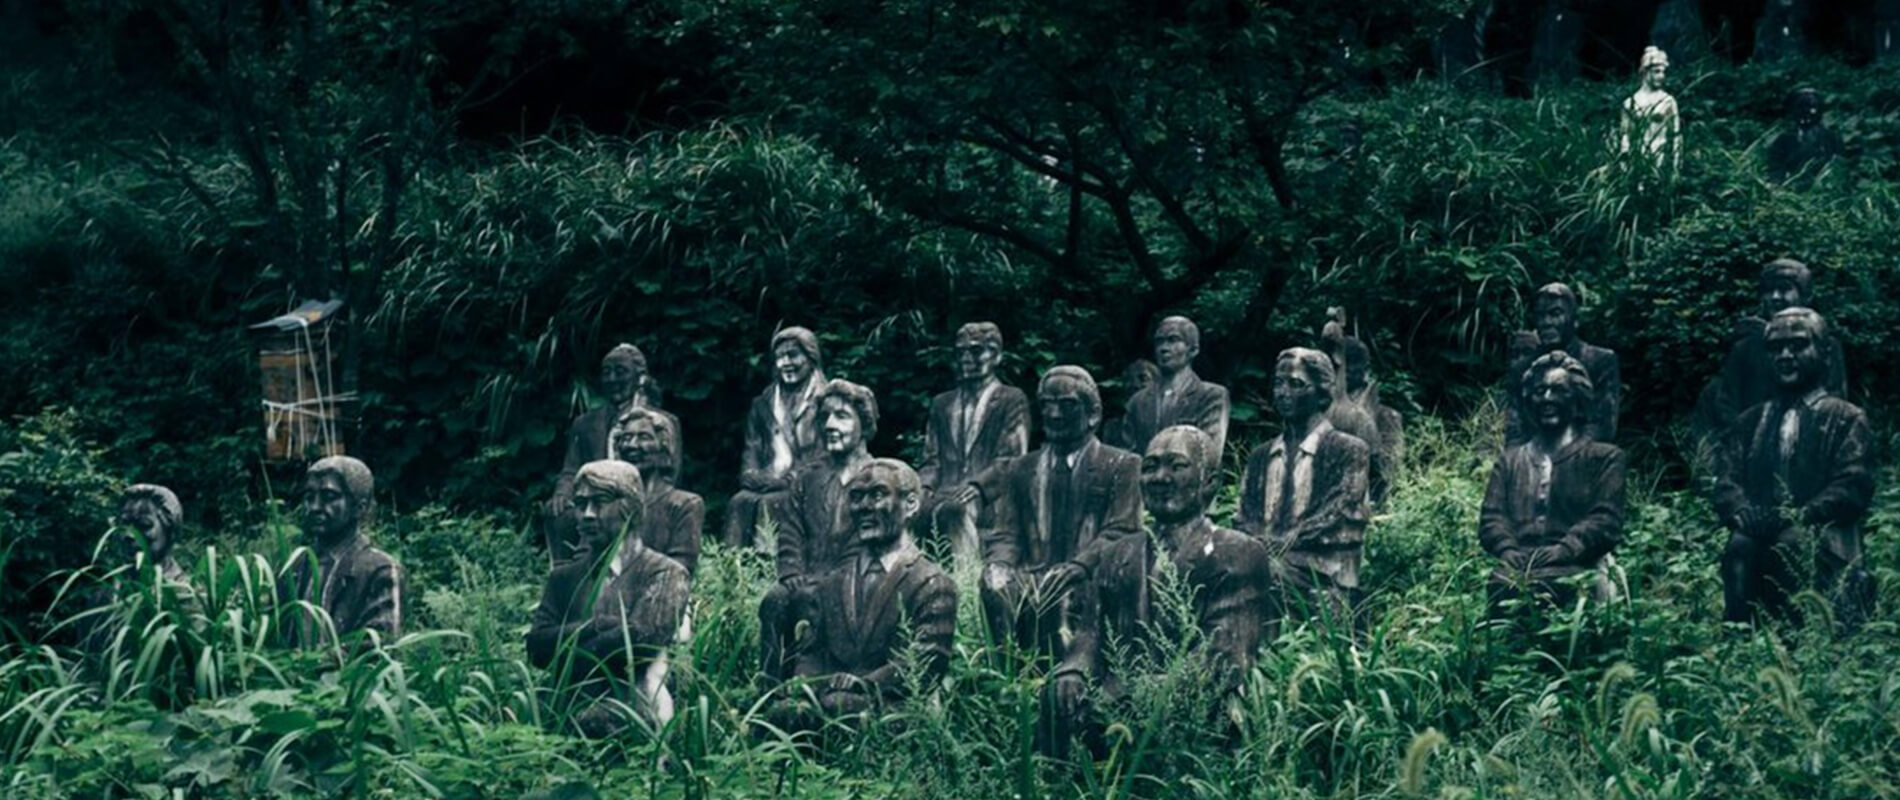 Fureai Sekibutsu no Sato, lo spettrale parco giapponese